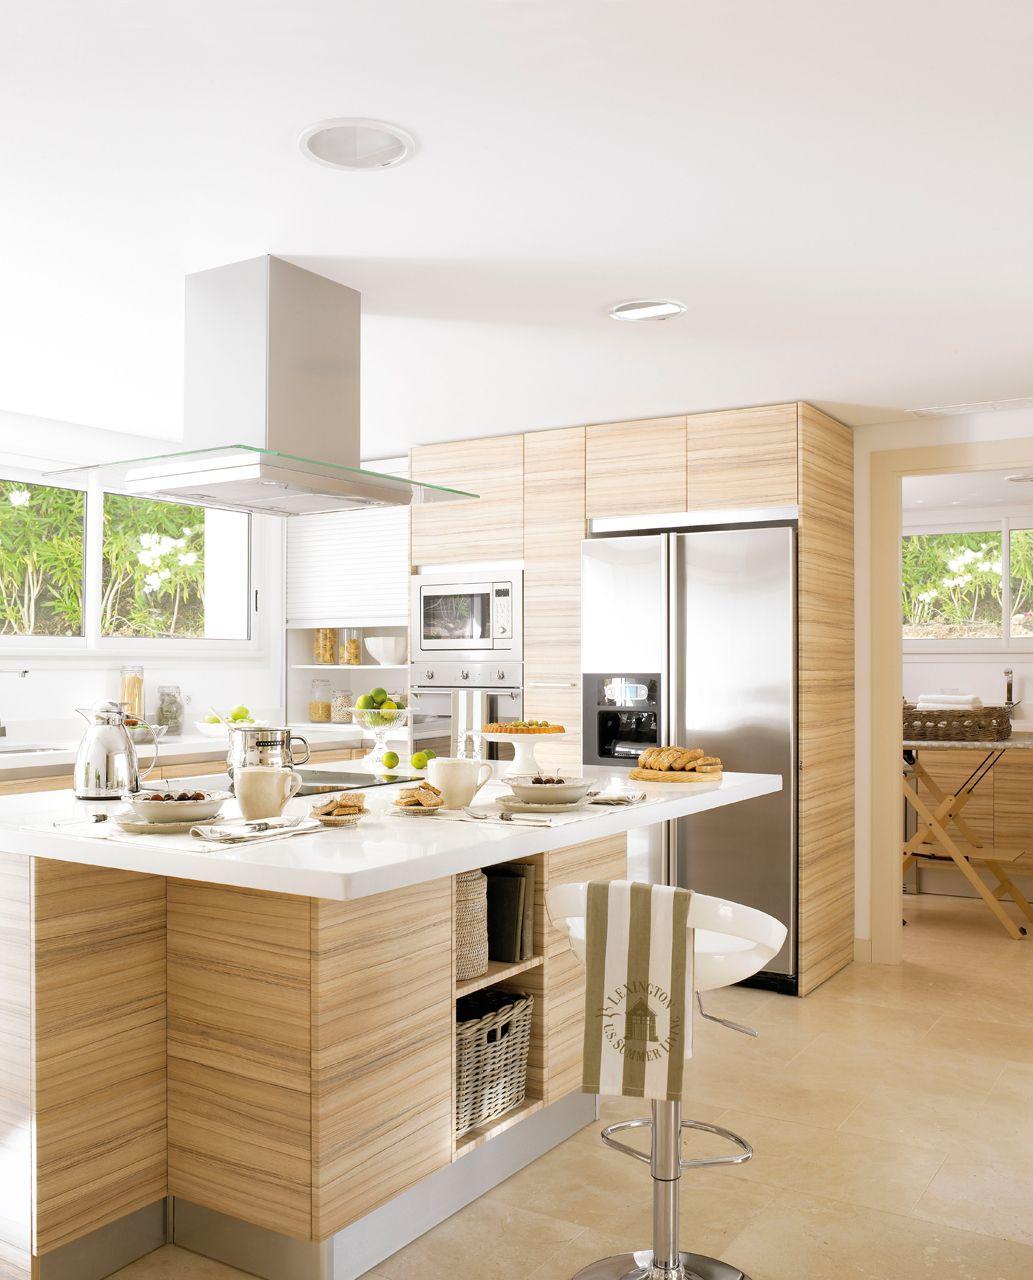 Cocina con isla central y muebles de madera laminada | cocinas ...